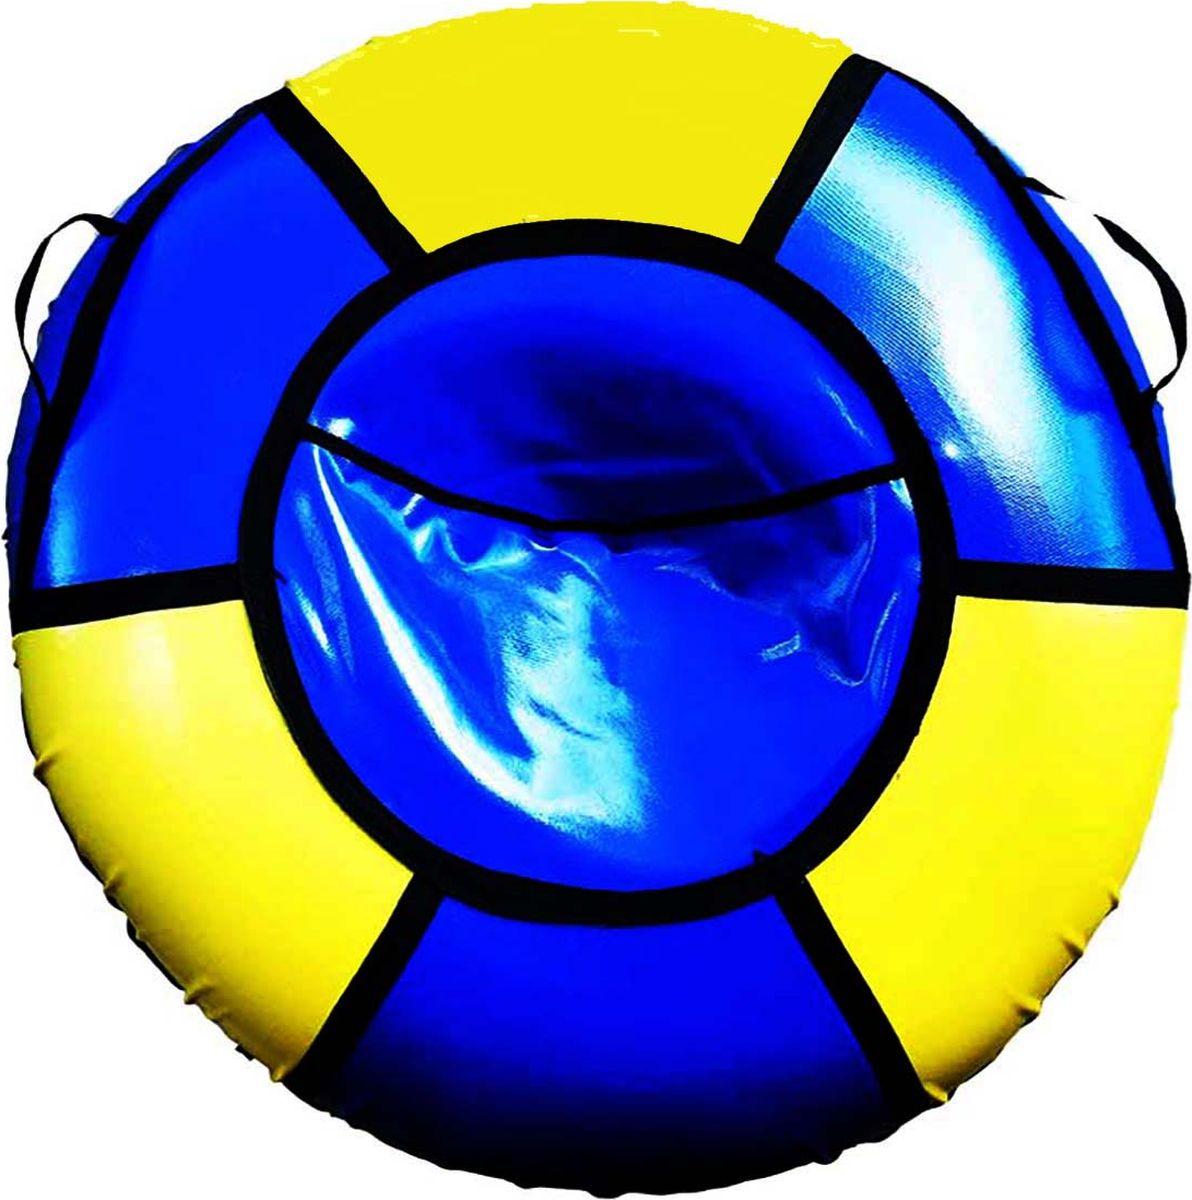 Тюбинг Эх, Прокачу! Профи-6, цвет: синий, желтый, 85 смСП85-6-2Качественные бюджетные санки-ватрушки для катания по снегу из 6 секций * размеры указаны в надутом состоянии * дно изготовлено из ткани ПВХ 630г/м2 * верх изготовлен из ткани ПВХ 630гр/м2 * камера российского производства * буксировочный ремень * морозоустойчивость -45 * допускается деформация формы санок из-за неравномерности надутия камеры